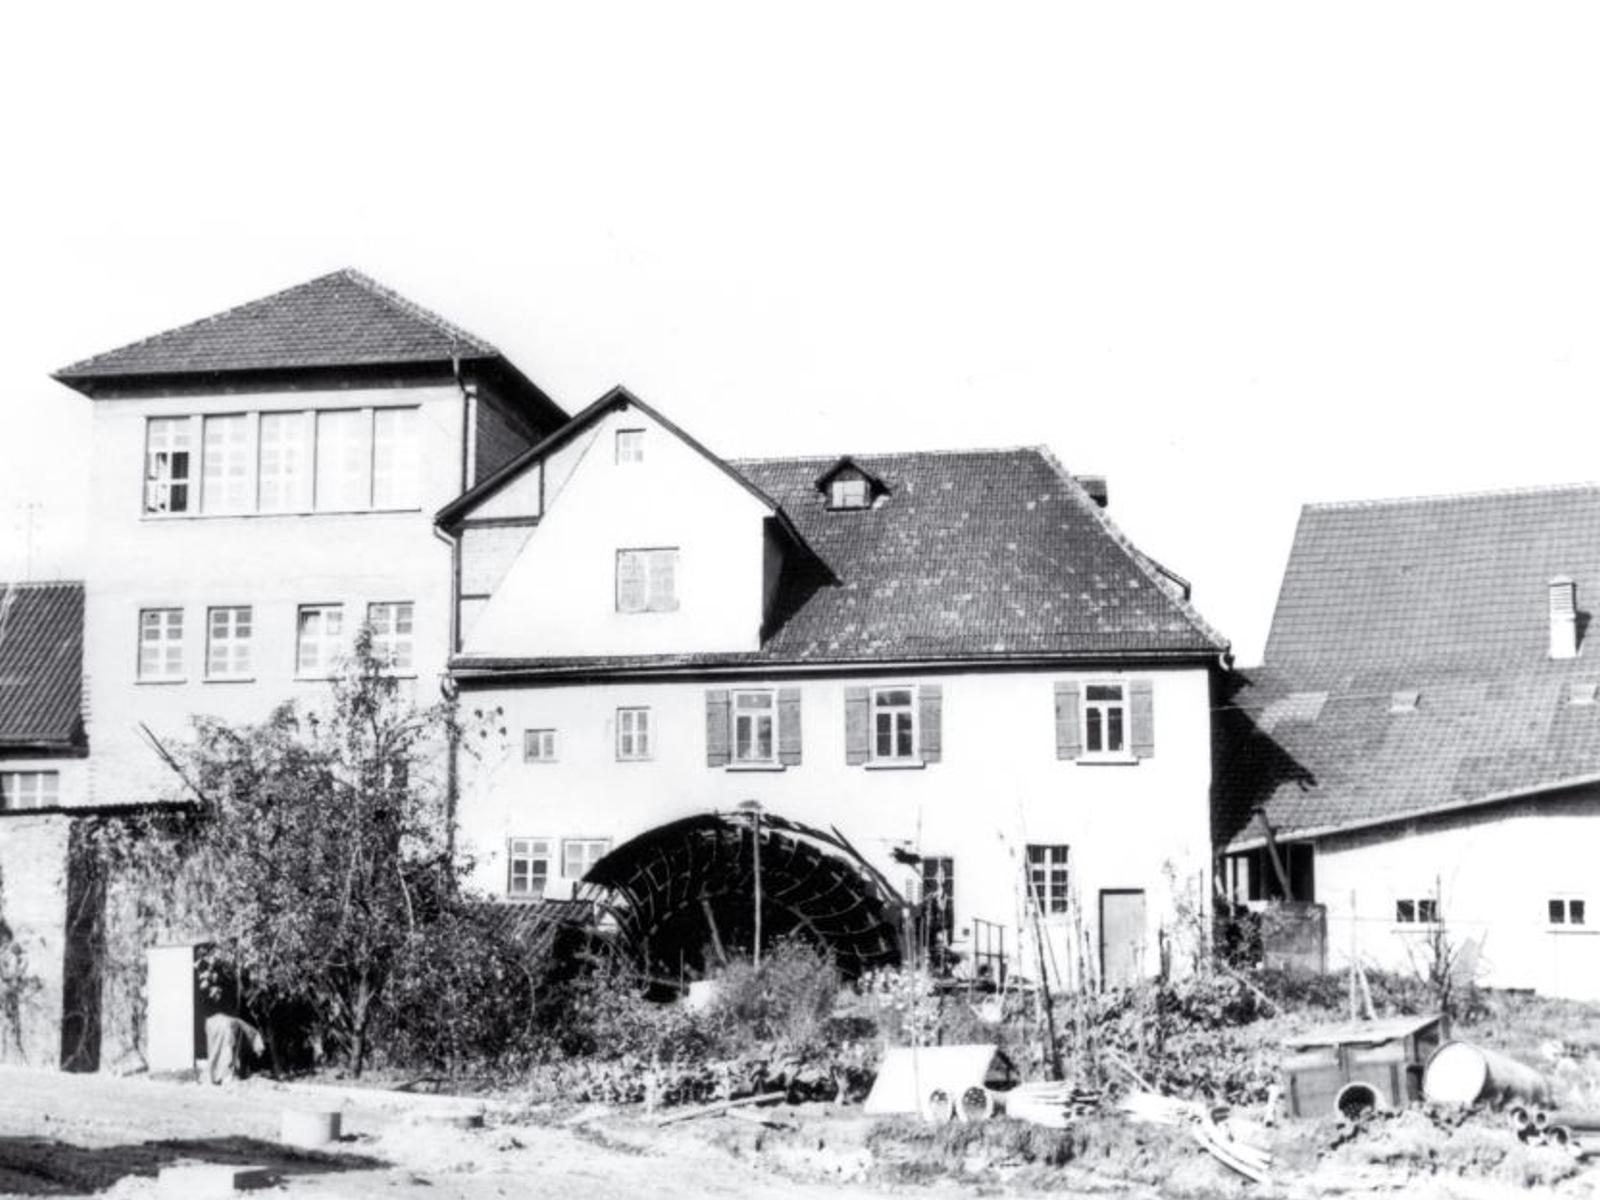 Station 20: Mittelalter